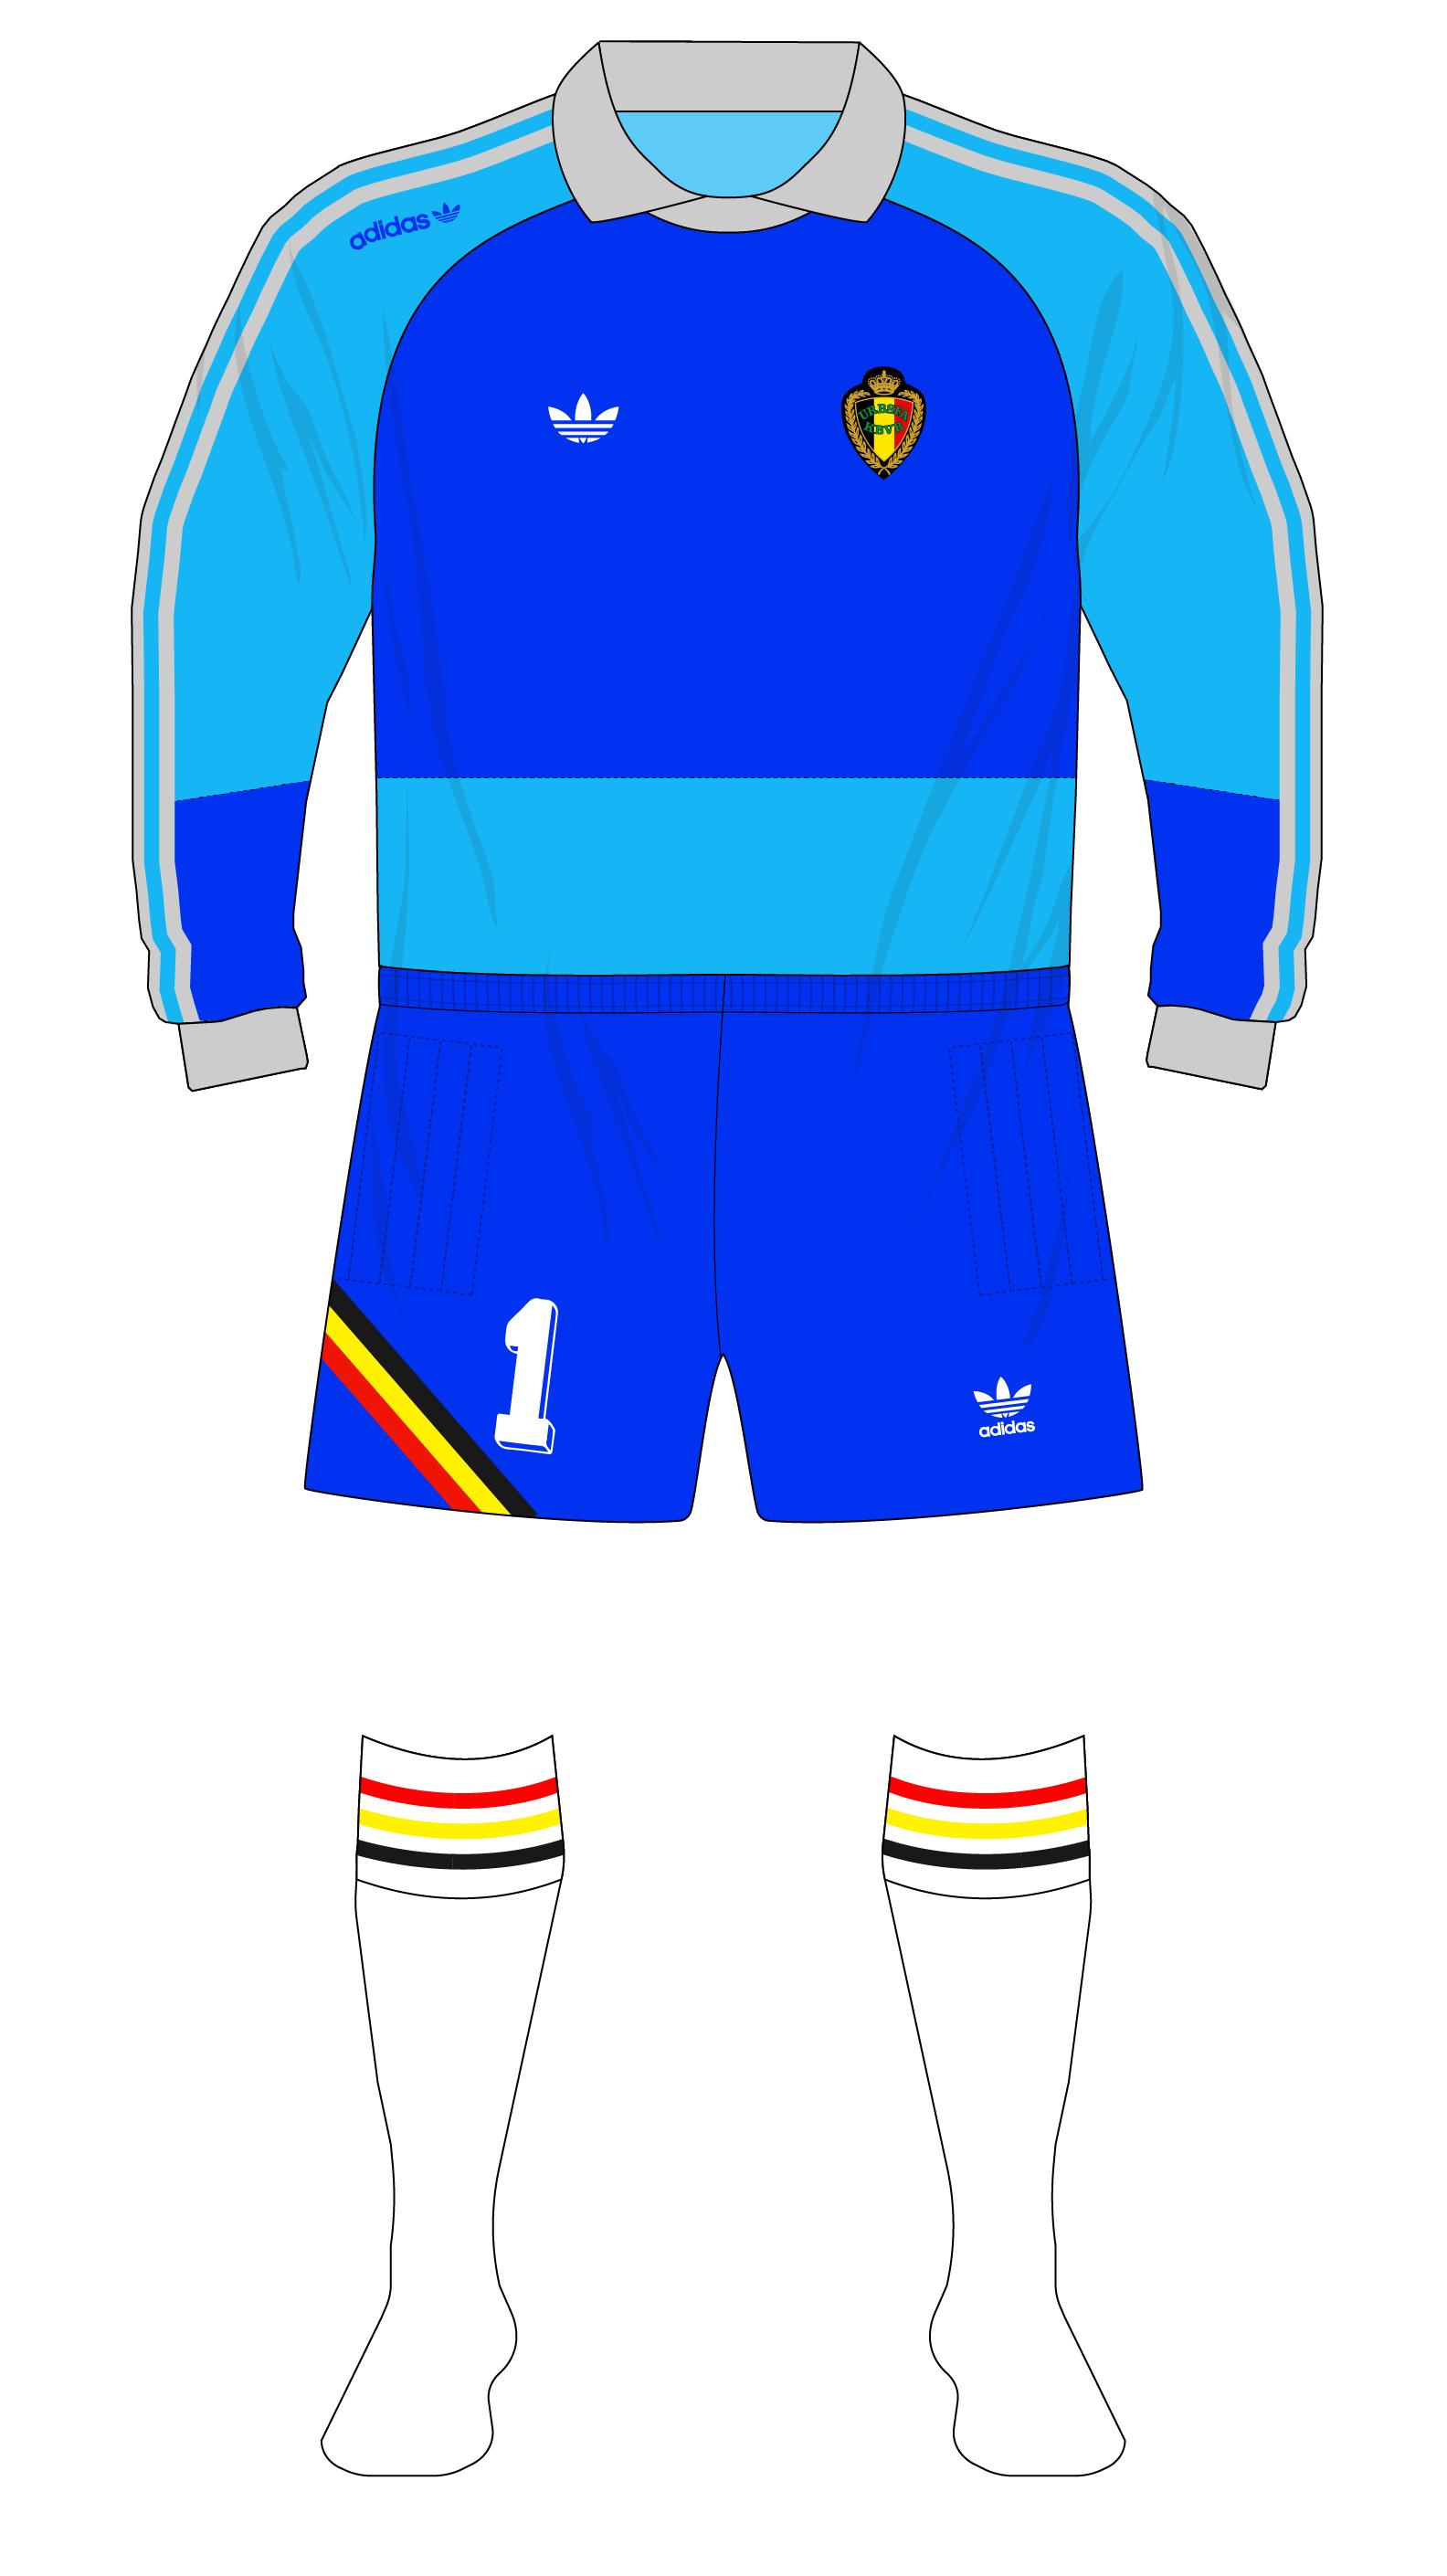 2676c8262 Belgium-1990-adidas-goalkeeper-shirt-World-Cup-Preud homme-blue-01 ...